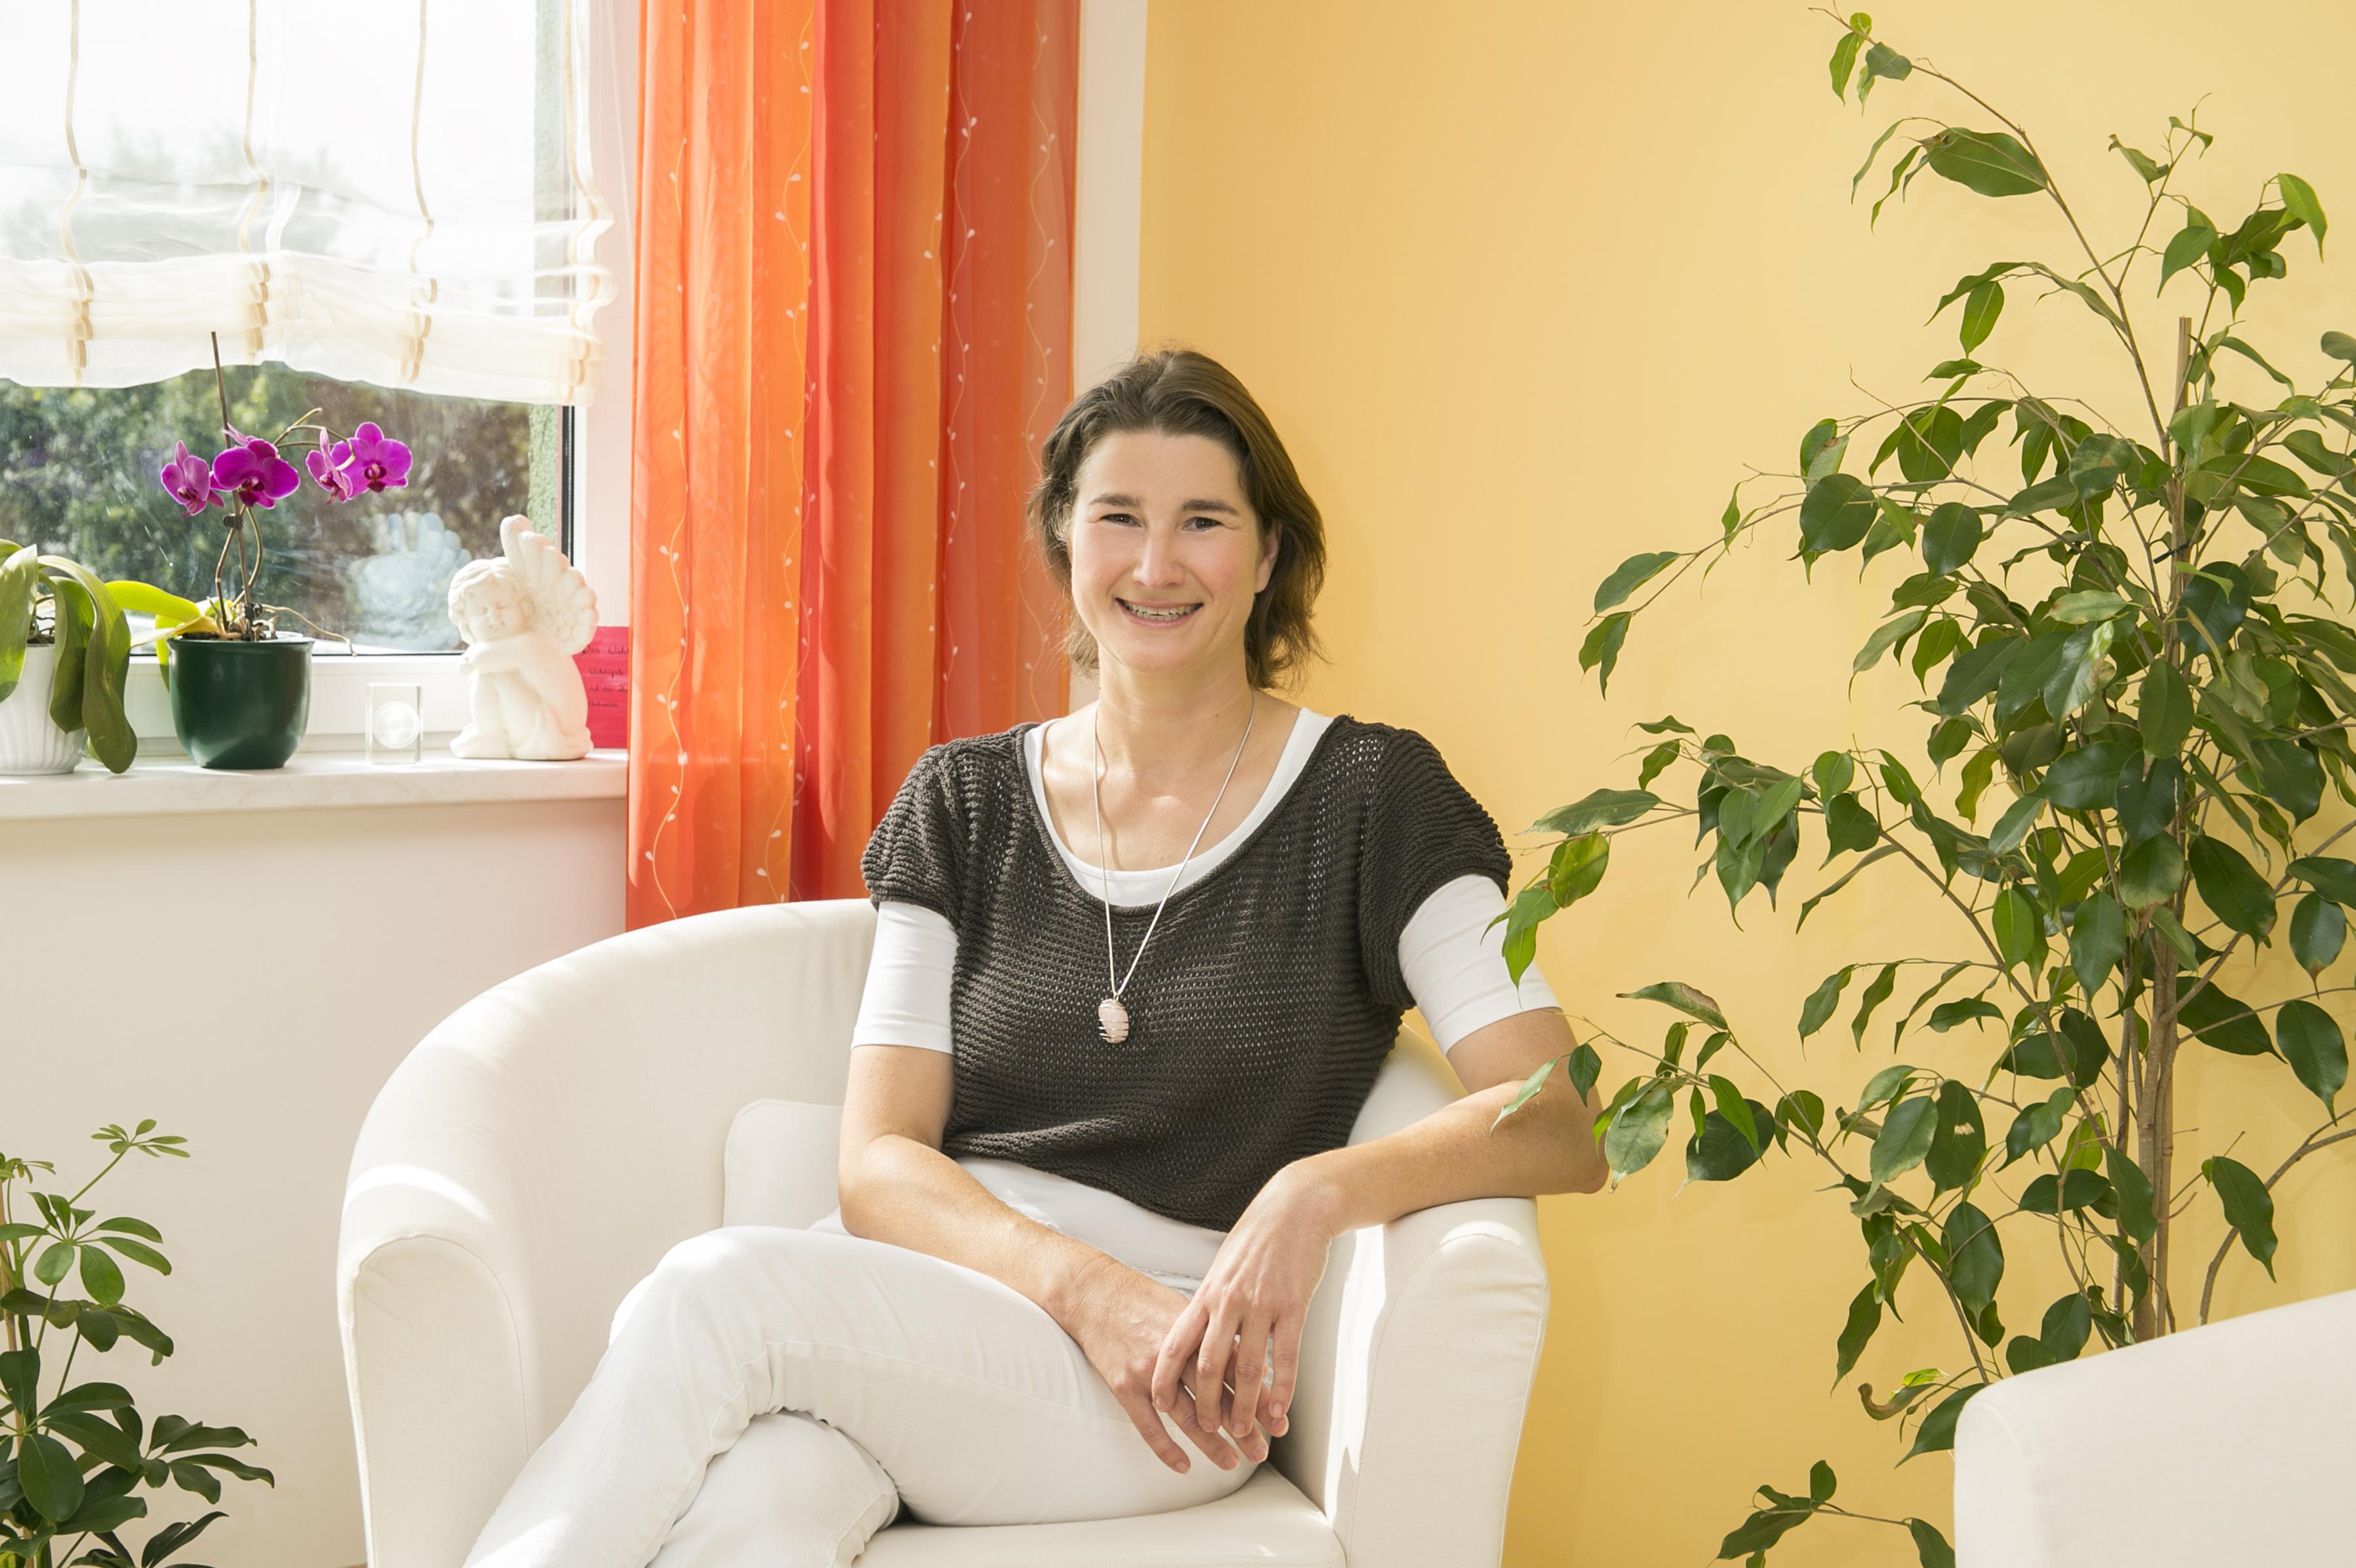 Silvia Nalina Stüber